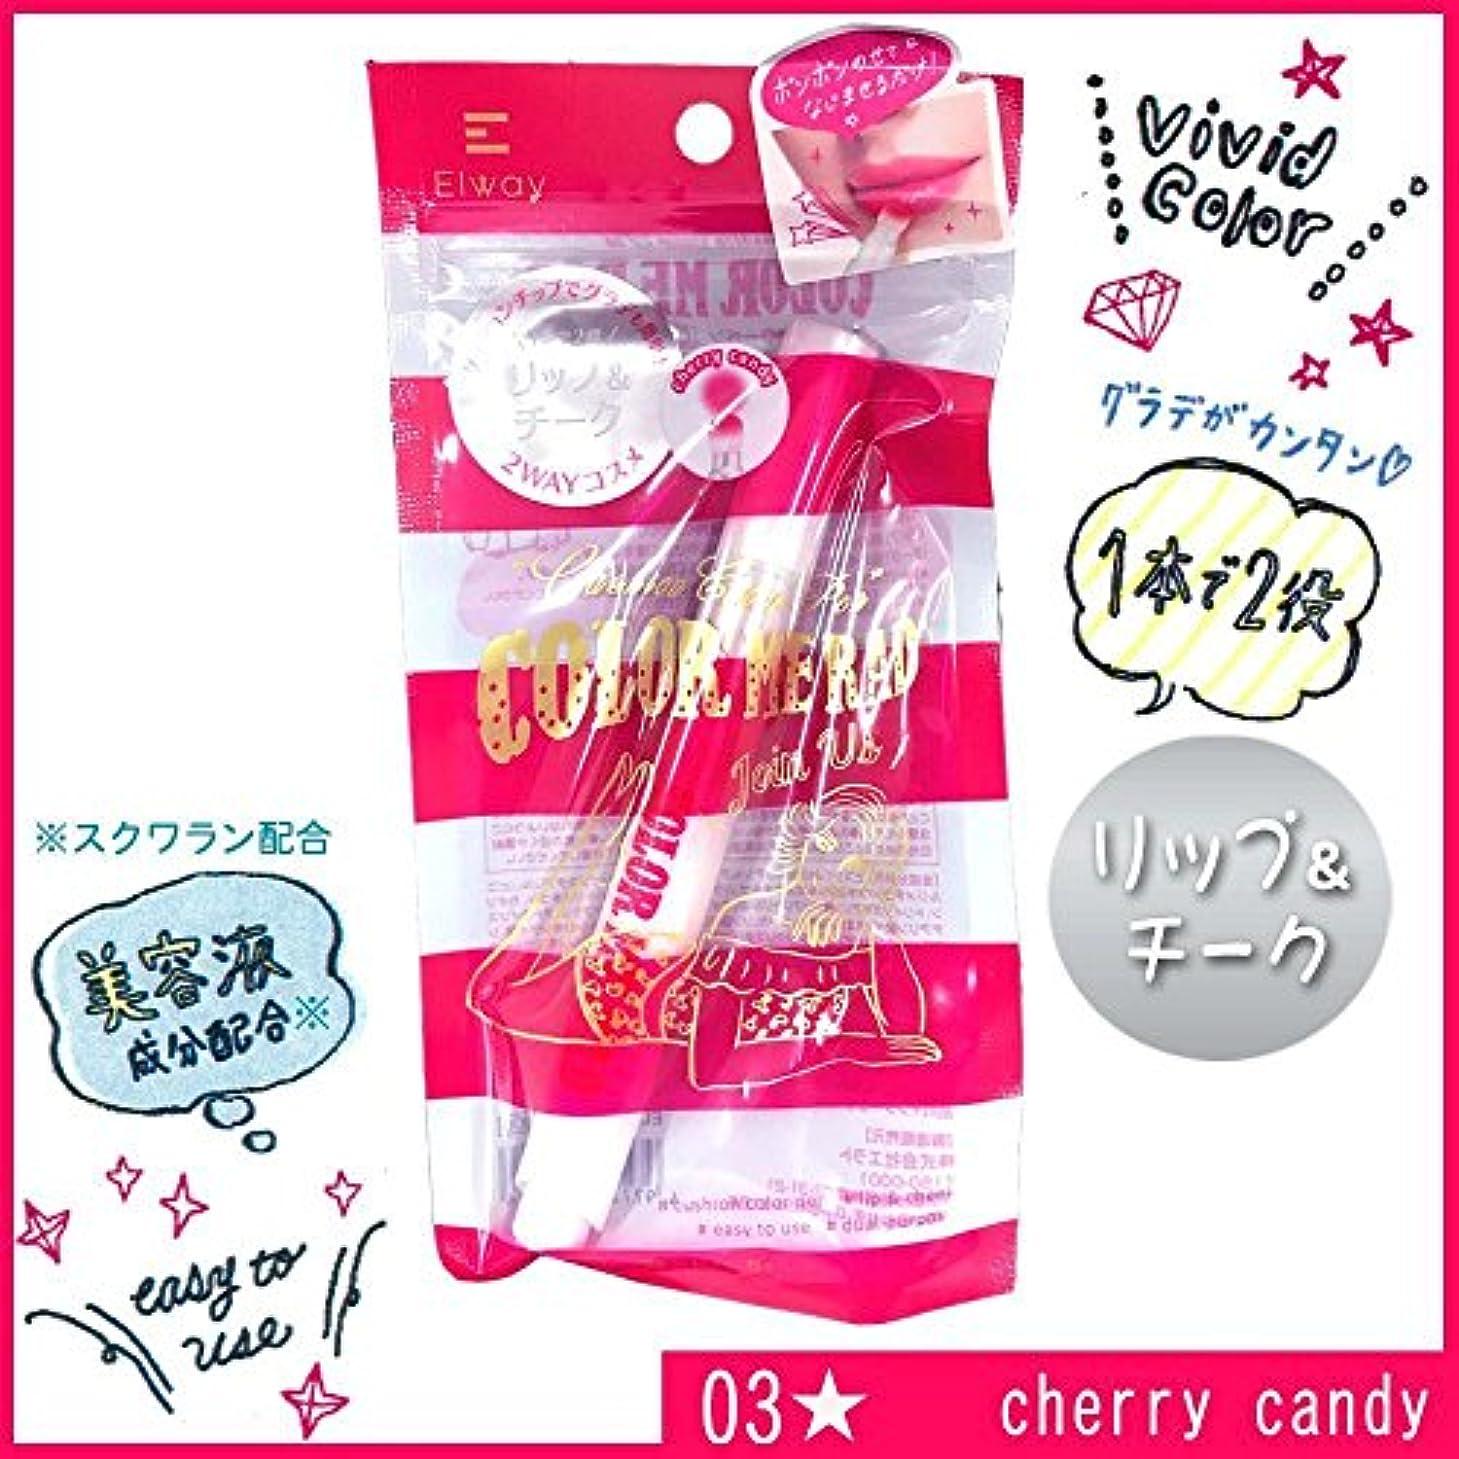 エスニック宮殿最も遠いCOLOR ME RAD クッションカラーぺン 03 (リップカラー) cherry candy EL74249